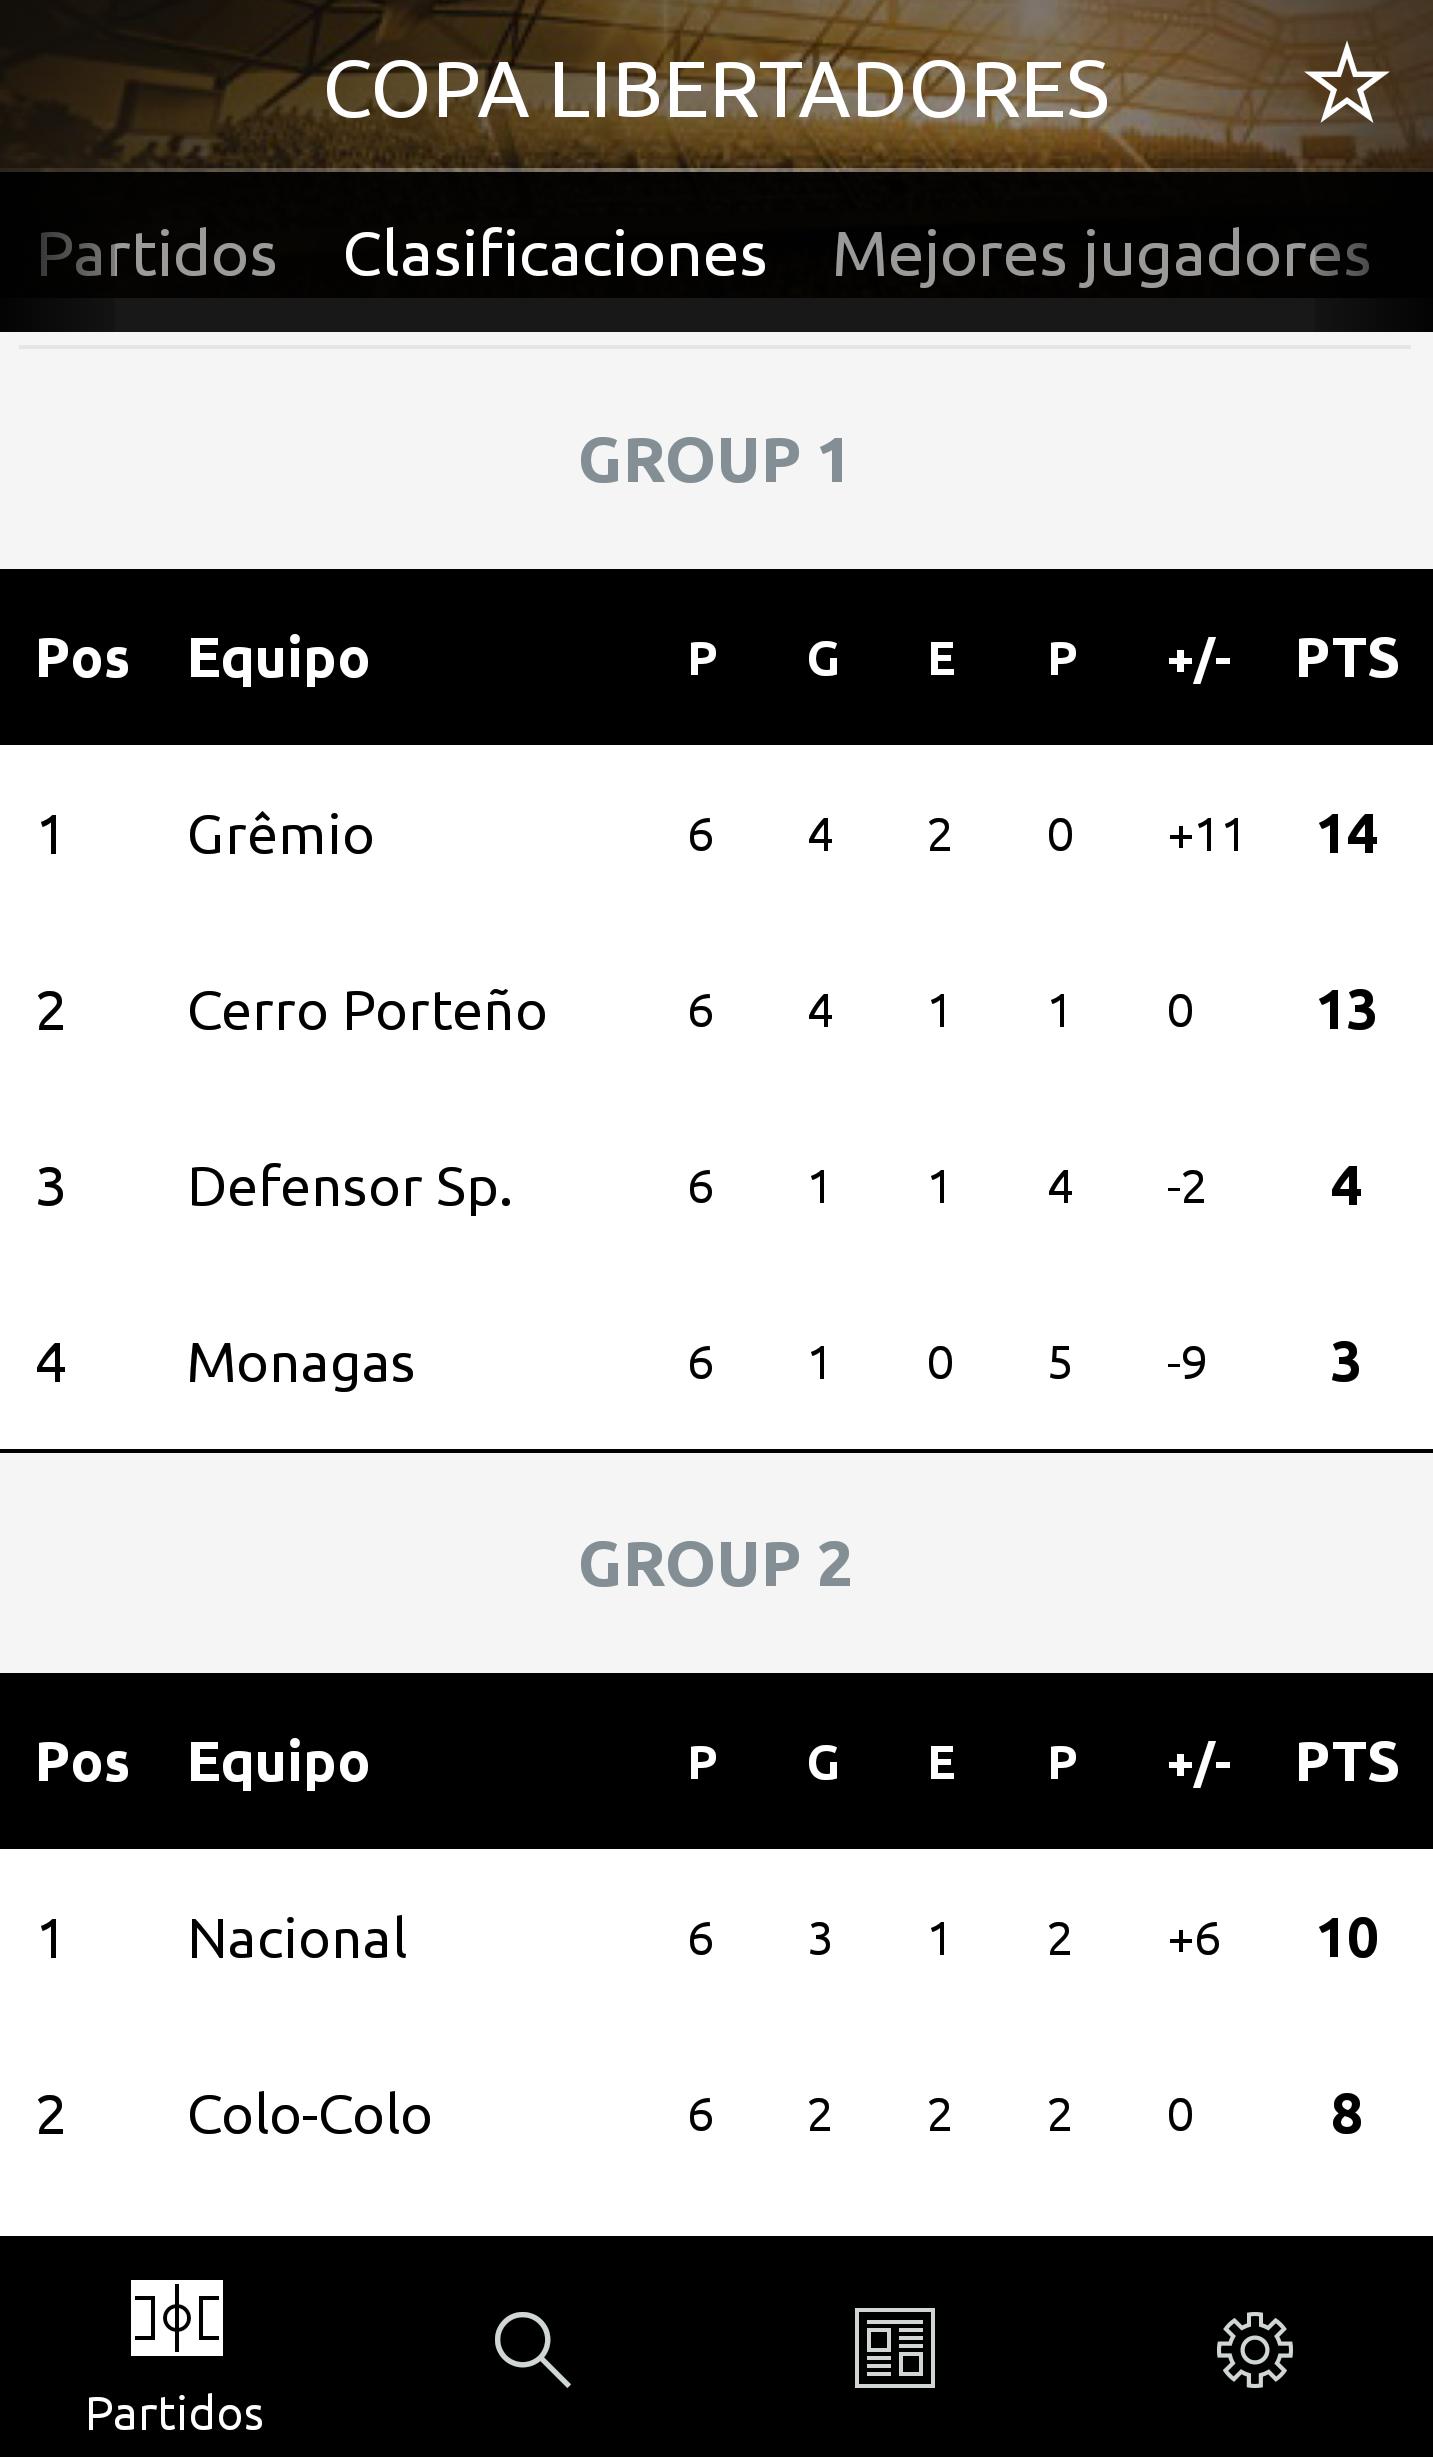 Posiciones Screen app Libertadores